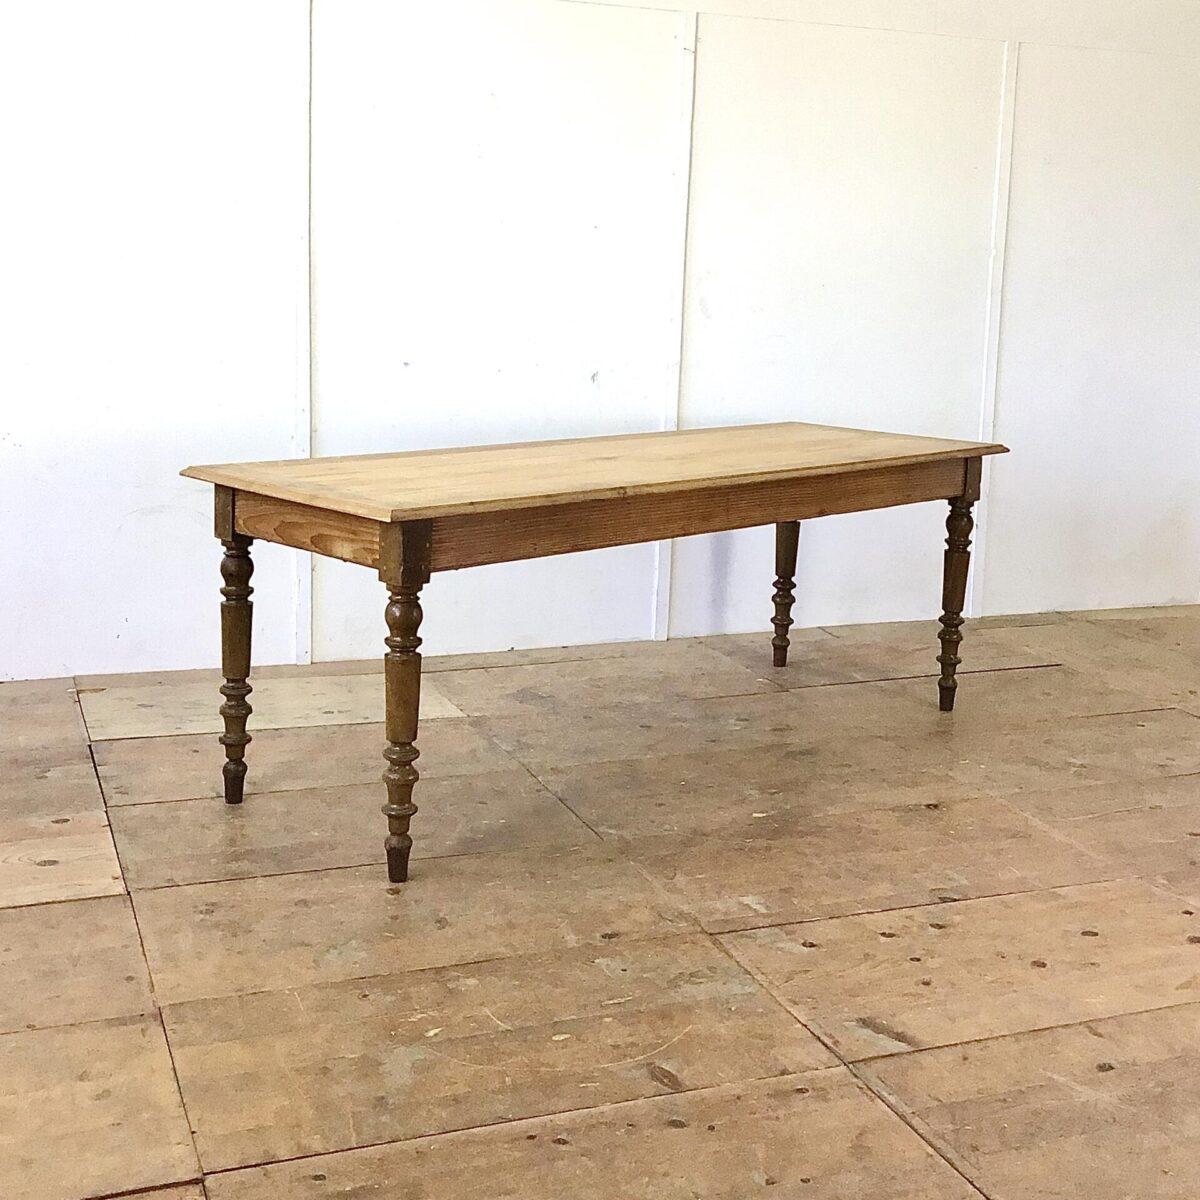 deuxieme.shop Antiker Beizentisch aus Frankreich220 x 76.5cm Tischblatt Tanne Massivholz mit Eichen Umrandung. Der lange Esstisch, mit gedrechselten Eichenholz Beinen, bietet Platz für bis zu 10 Personen.